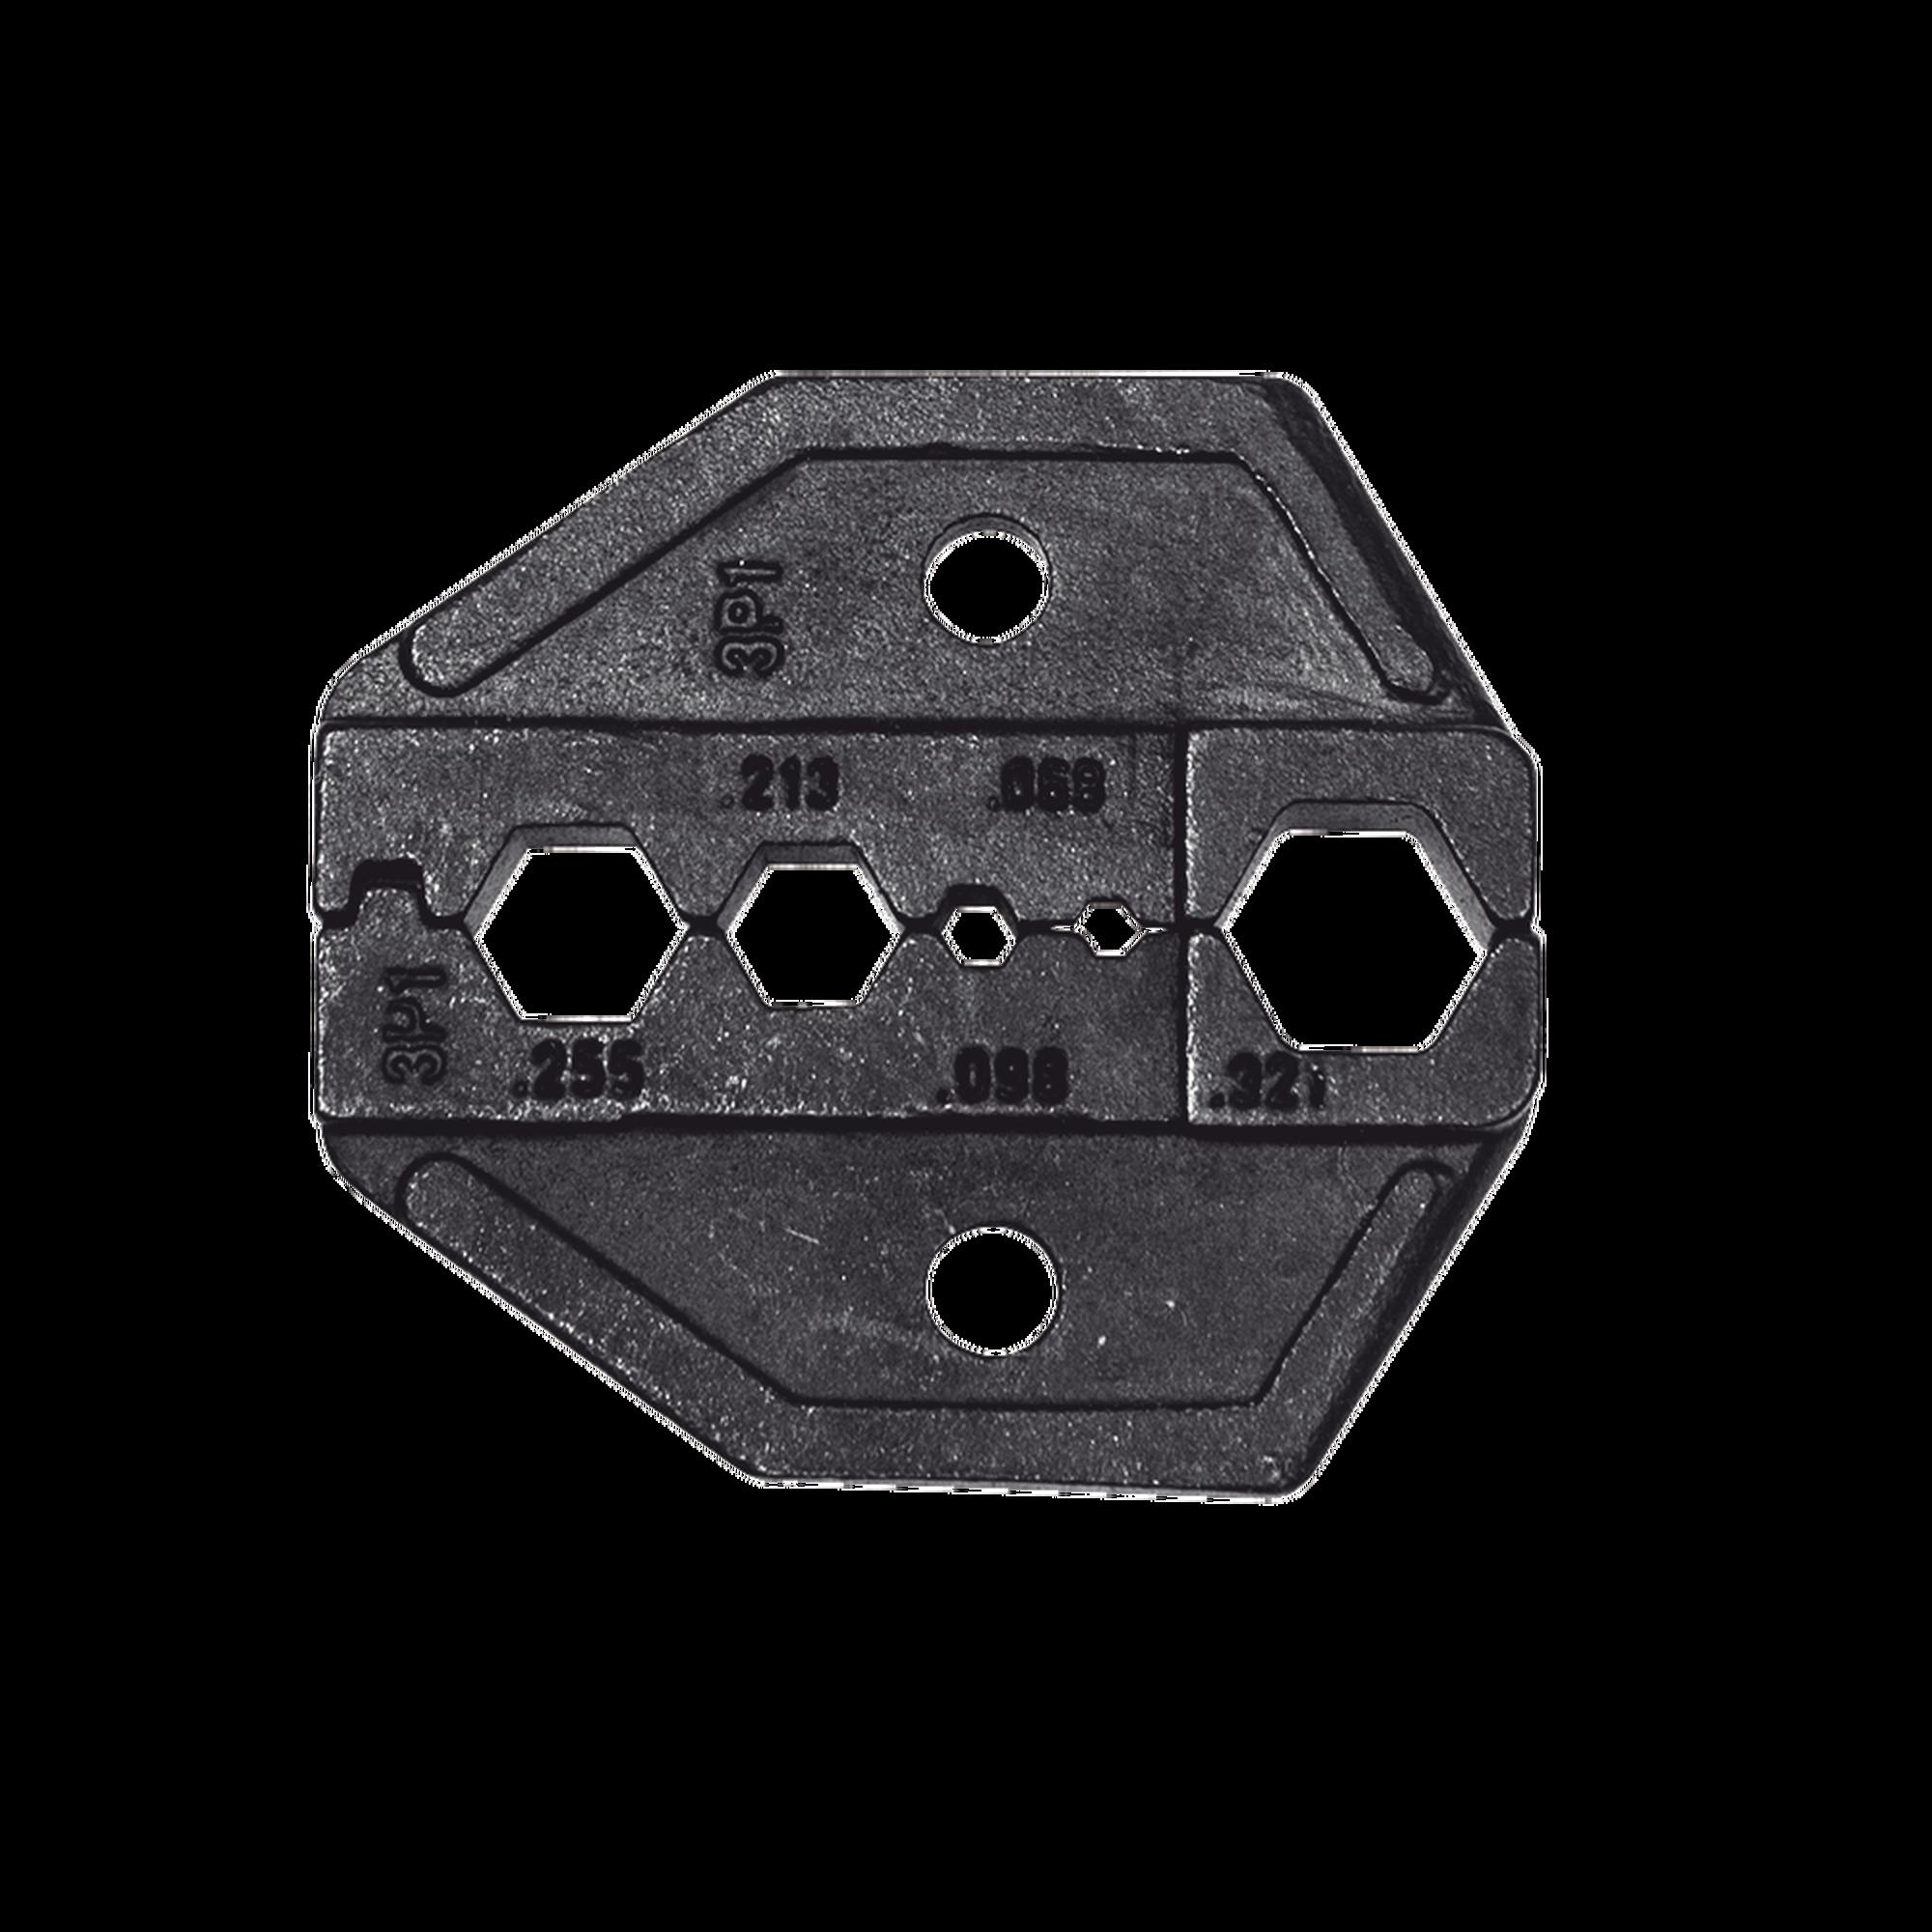 Matriz Ponchadora parara Cable Coaxial RG58, RG59, RG6 y RG62.